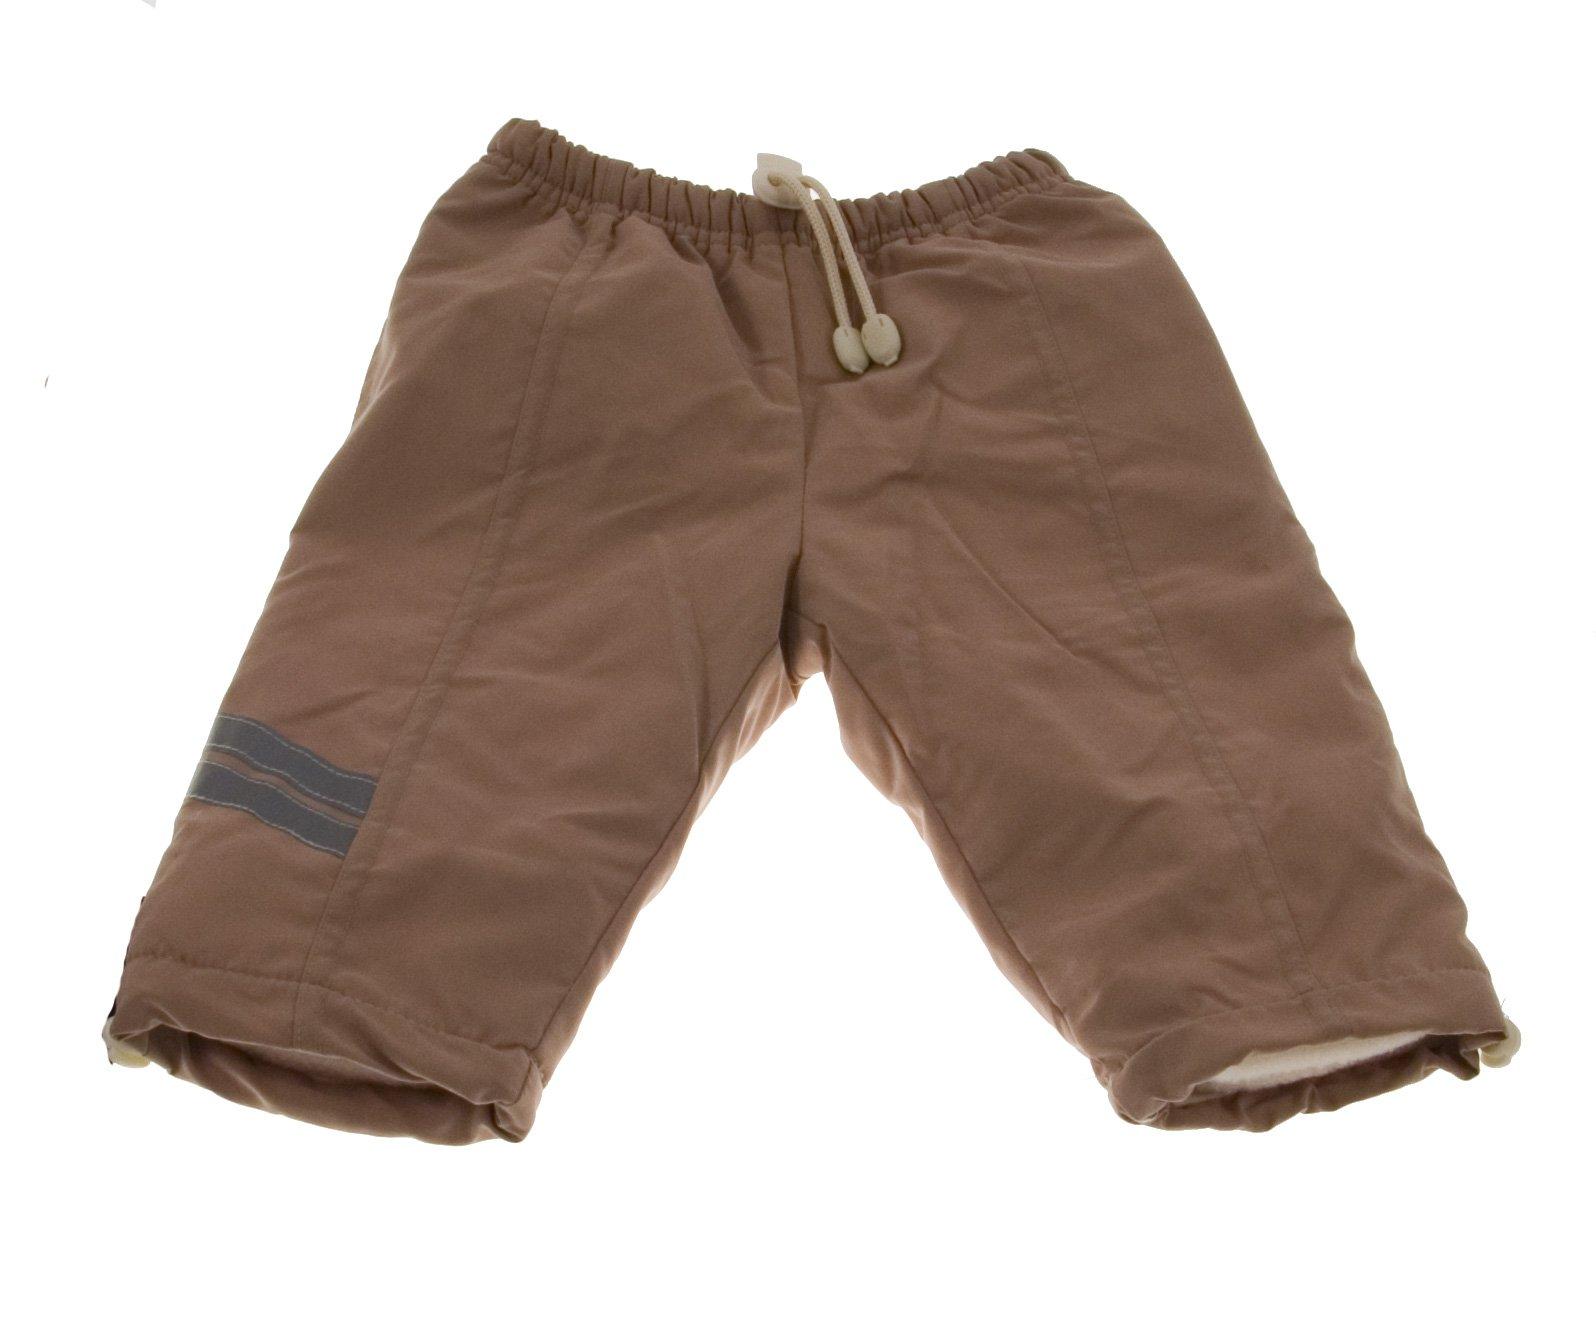 Oteplen� kalhoty Mojm�r b�ov� - V�PRODEJ